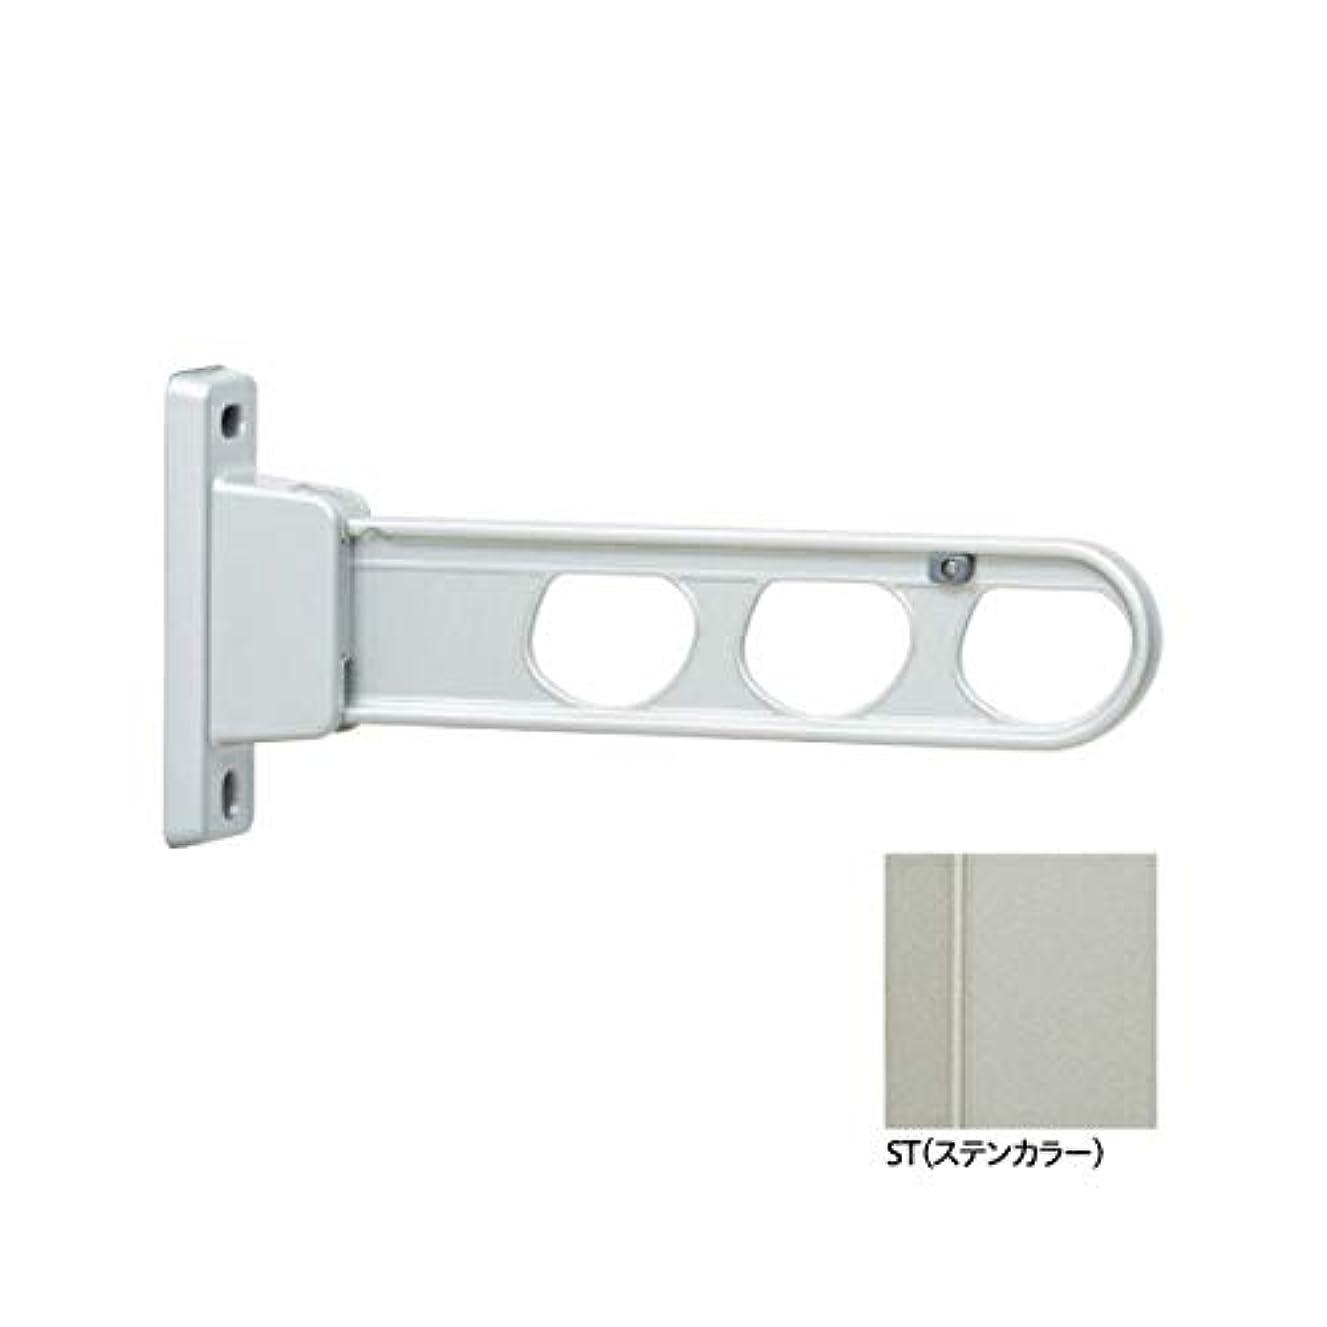 餌咳反映する川口技研:腰壁用ホスクリーン HD-35型(2本入) ST(ステンカラー) HD-35-ST